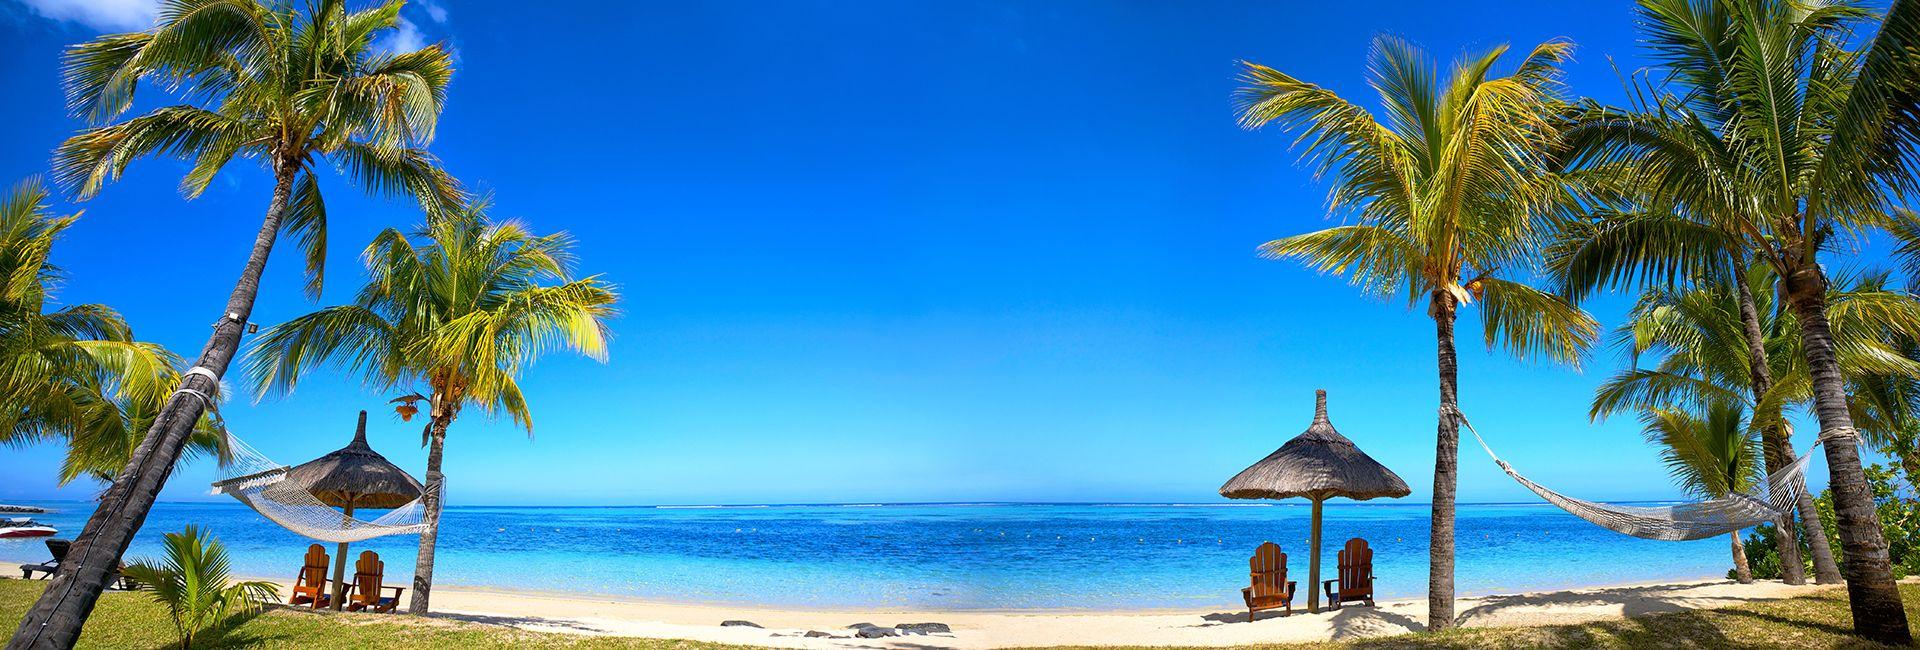 Khám phá Tứ Bình - bộ tứ hòn đảo thơ mộng nhất Nha Trang